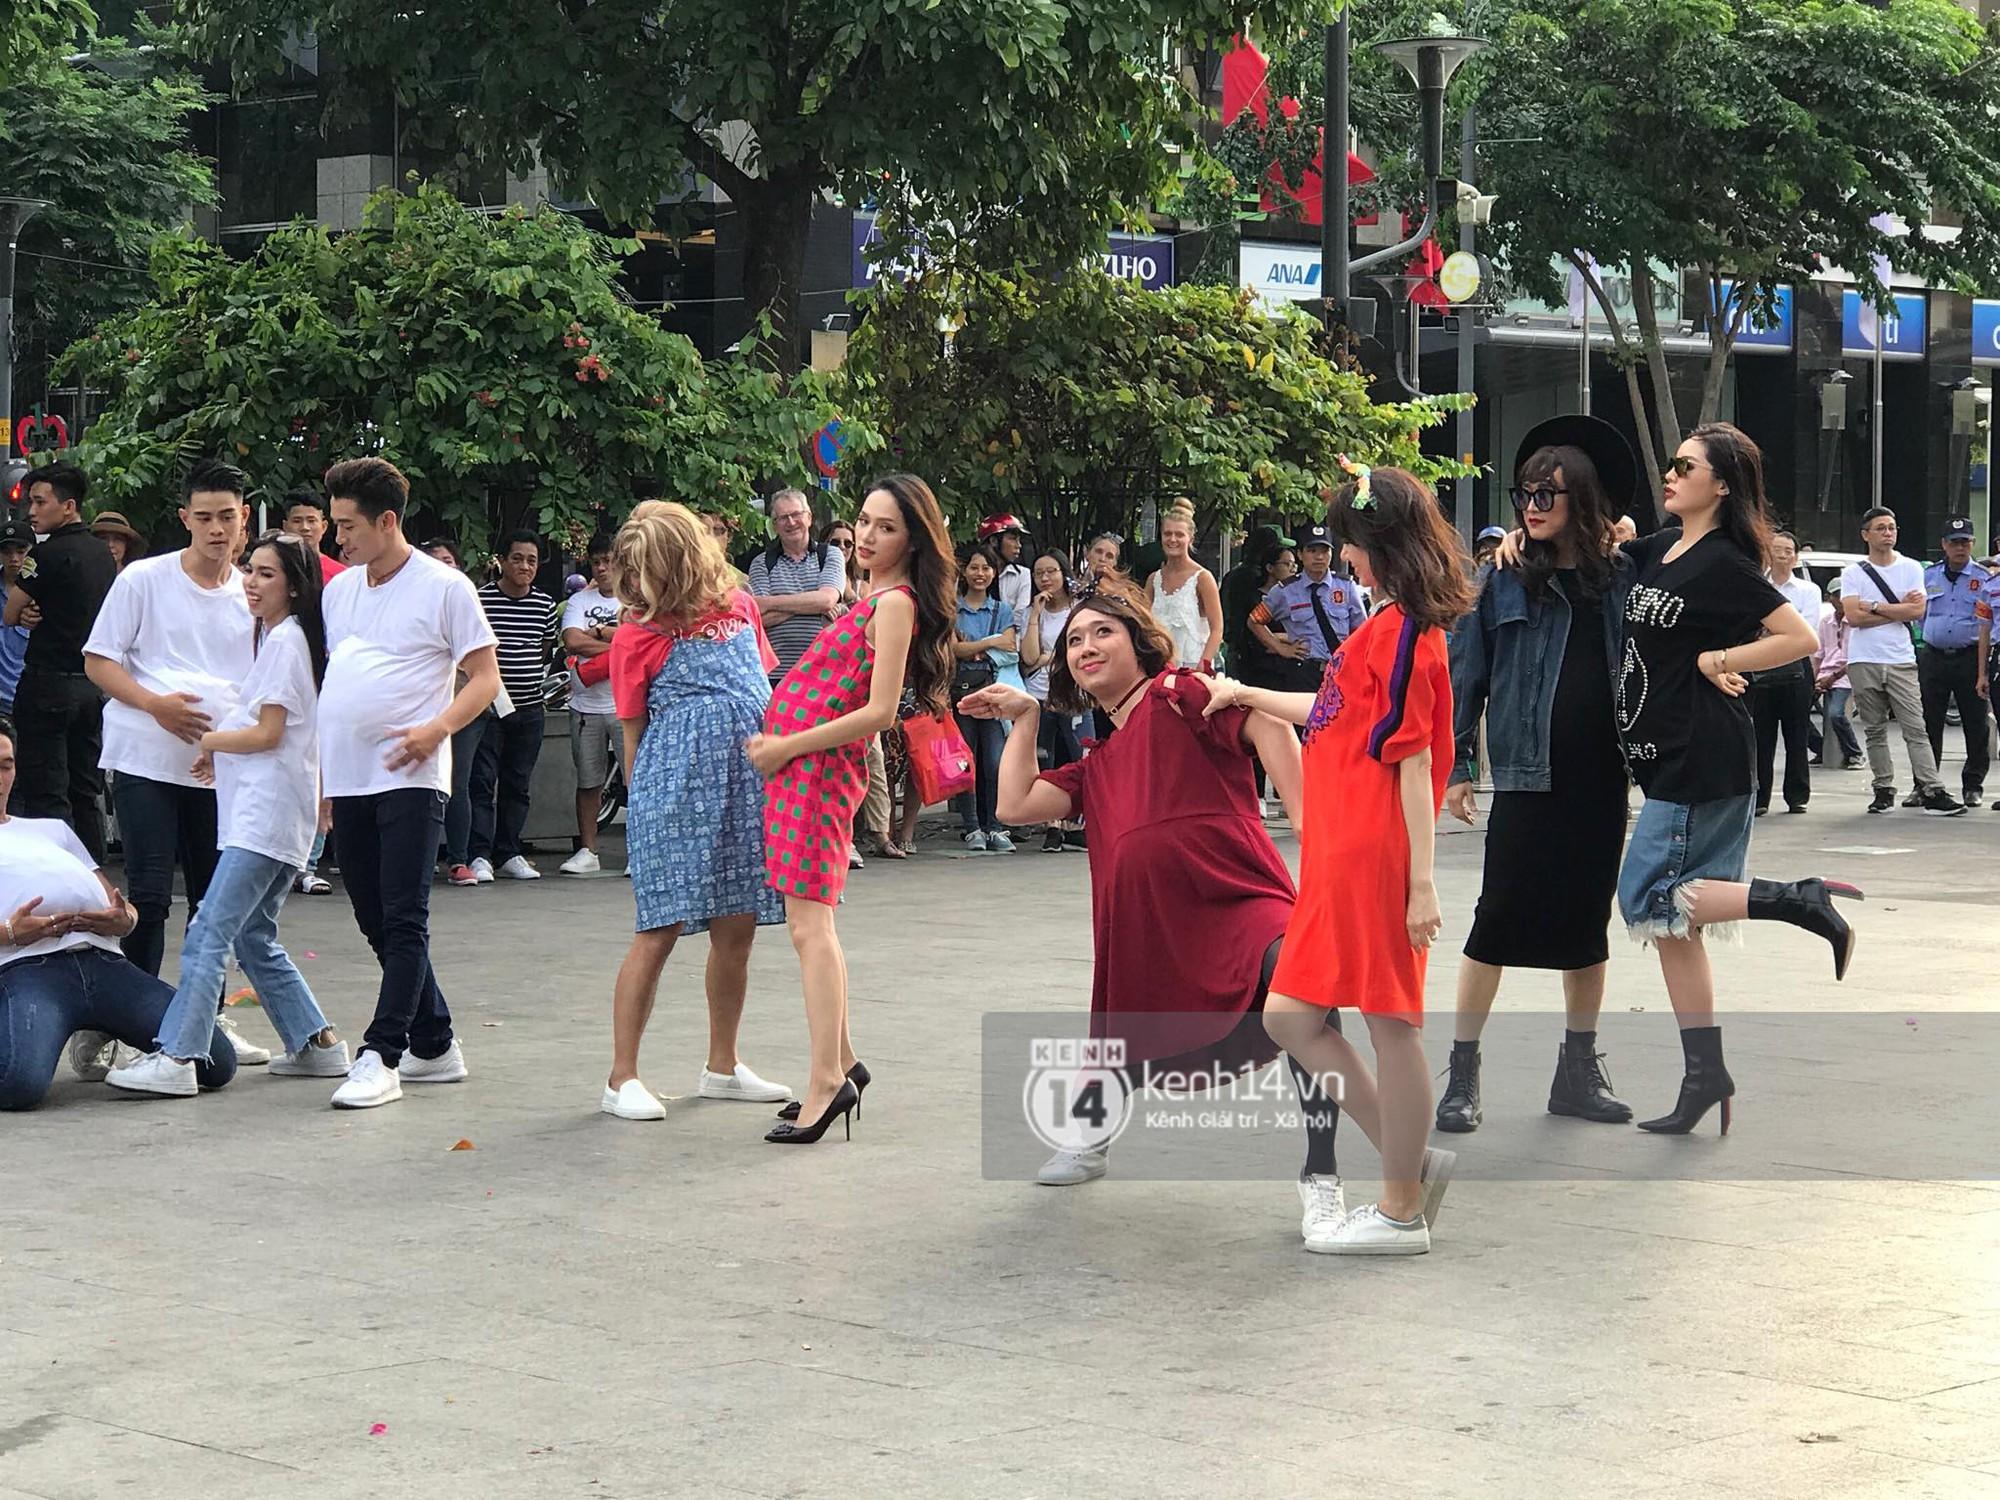 Chùm ảnh: Trấn Thành, Trường Giang, Hứa Vĩ Văn đồng loạt hóa... bà bầu trong show thực tế mới - Ảnh 10.